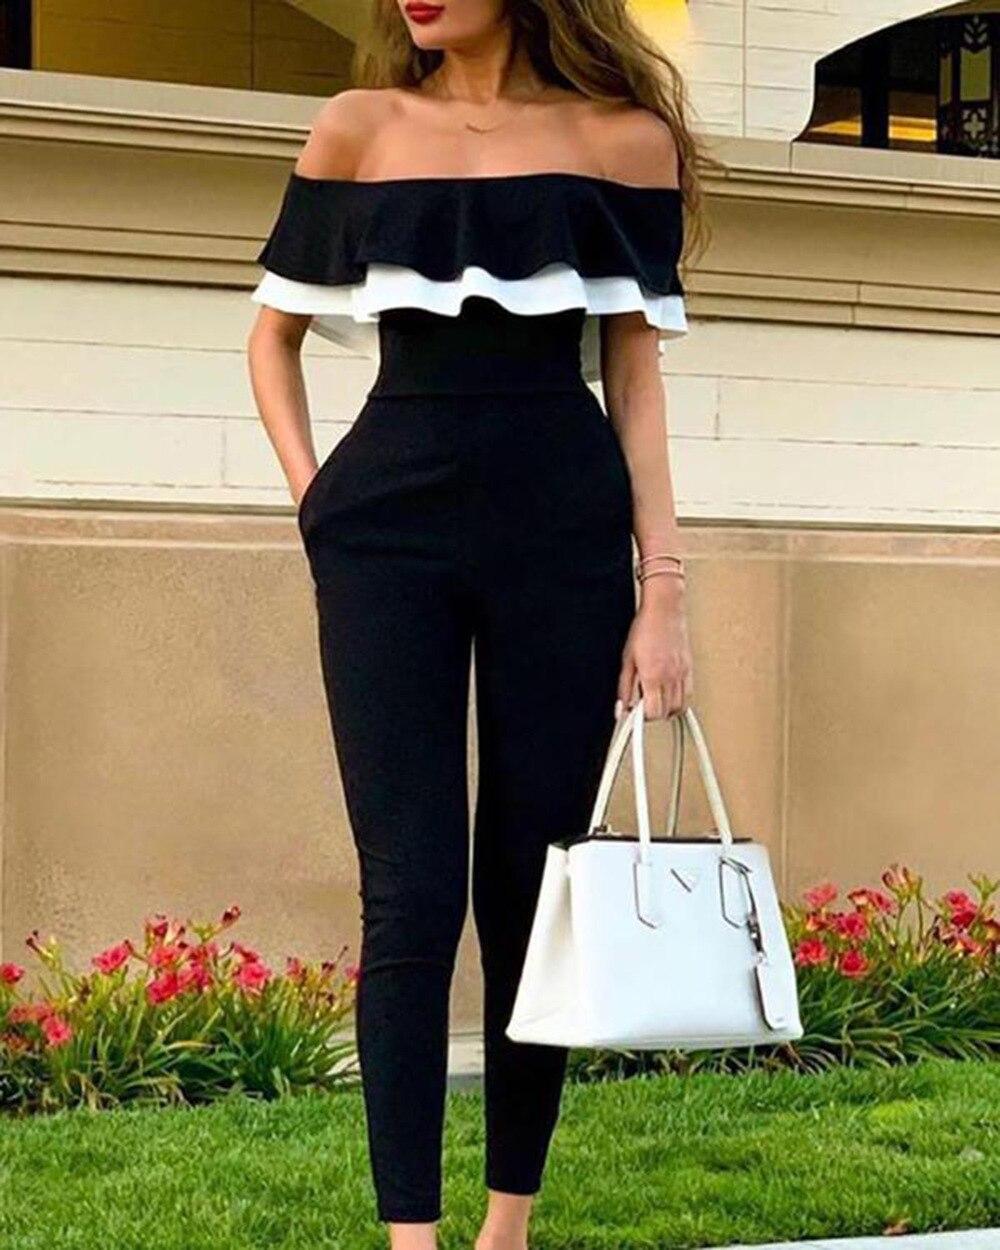 Fashion kalten schulter sexy lange body sommer schwarz voller länge sexy overalls für frauen dame overalls 640